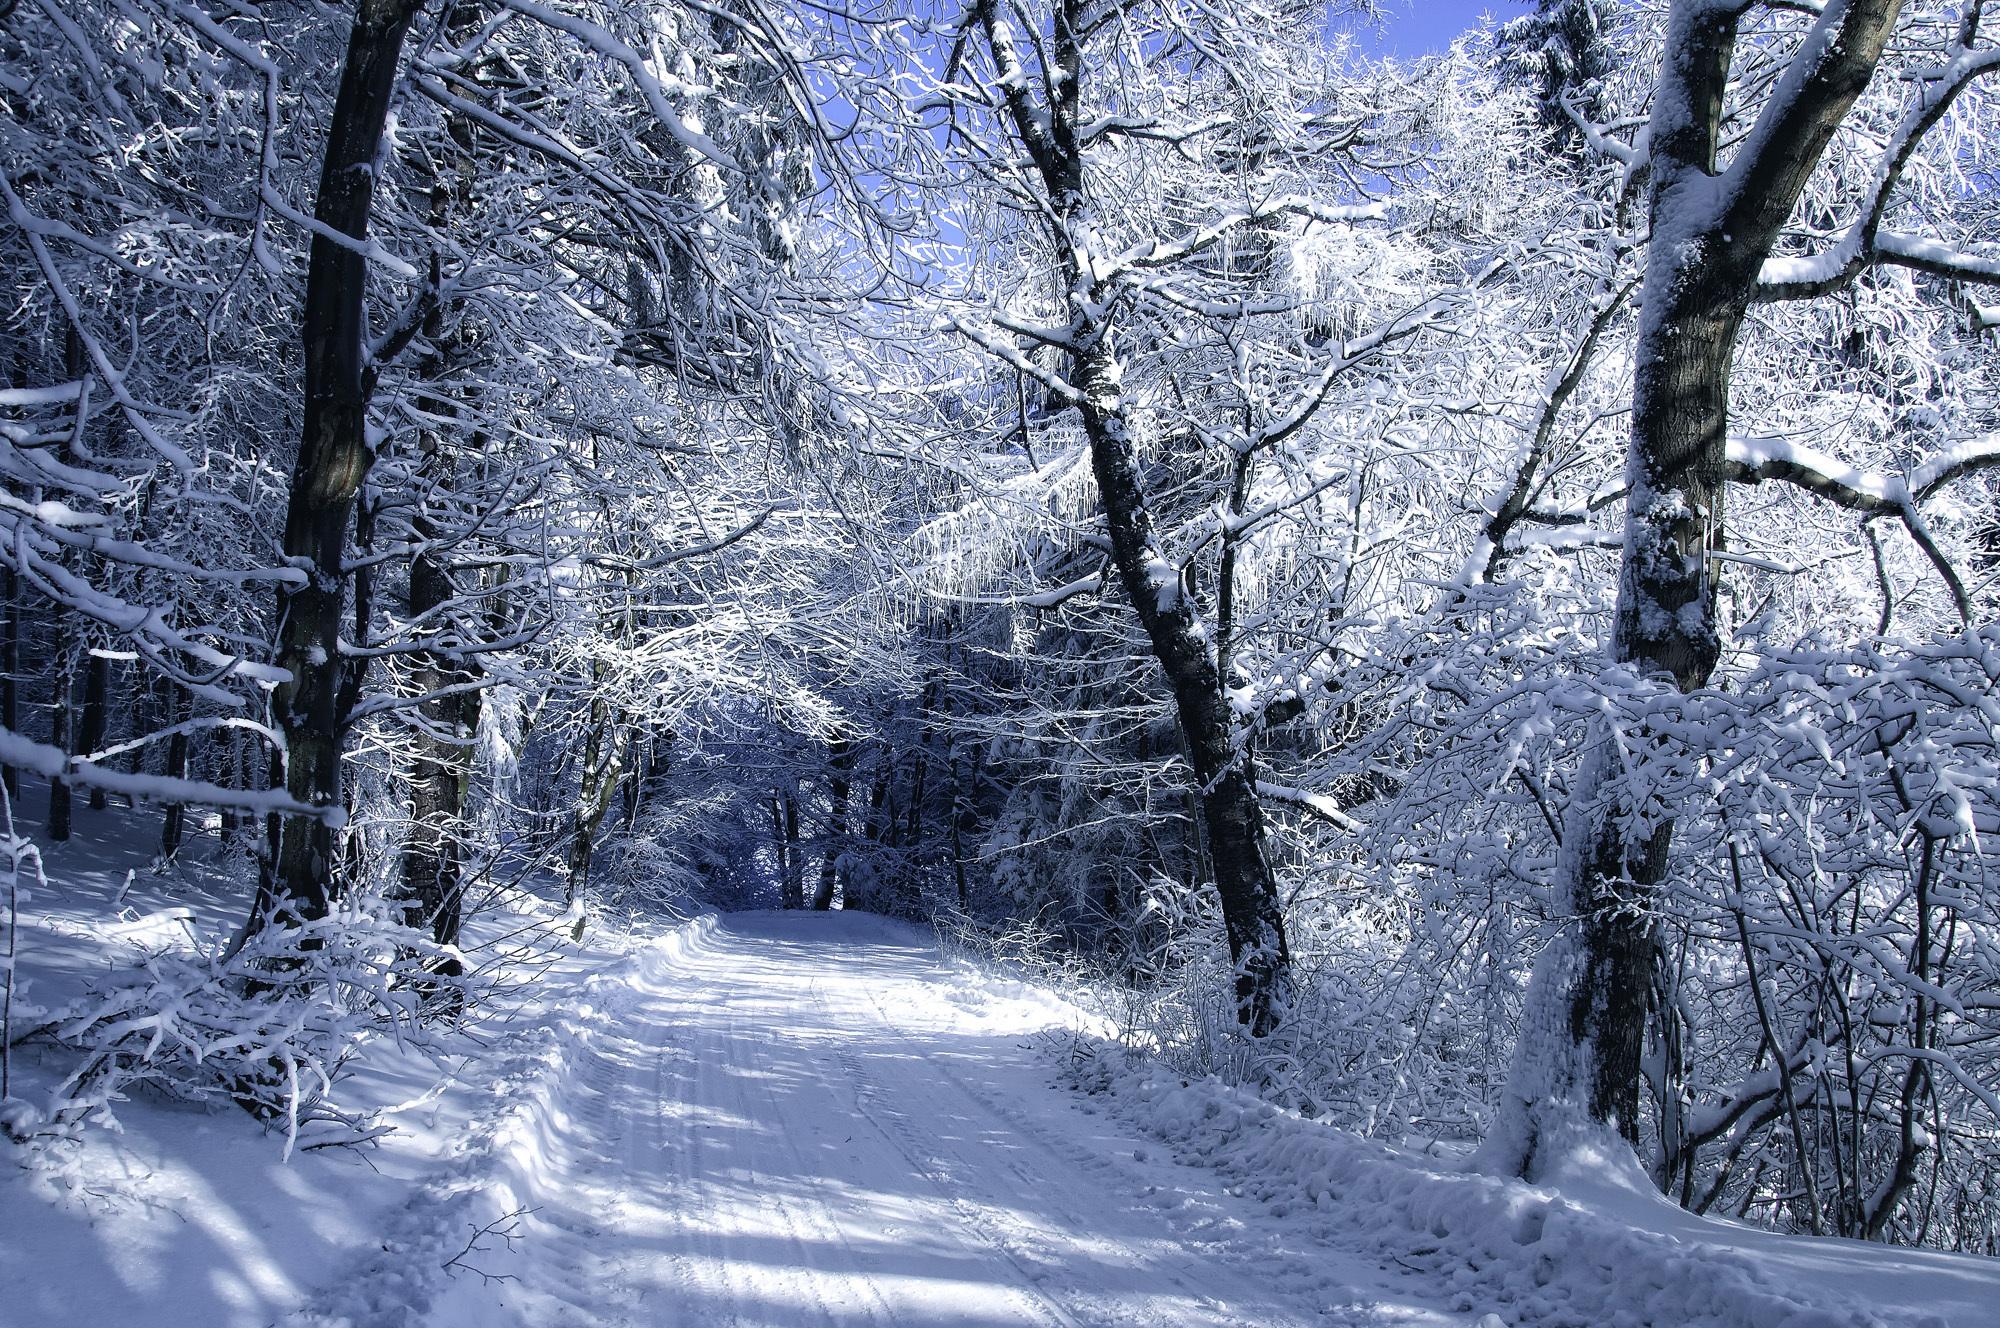 обои для рабочего стола на тему зима скачать бесплатно № 147291 загрузить